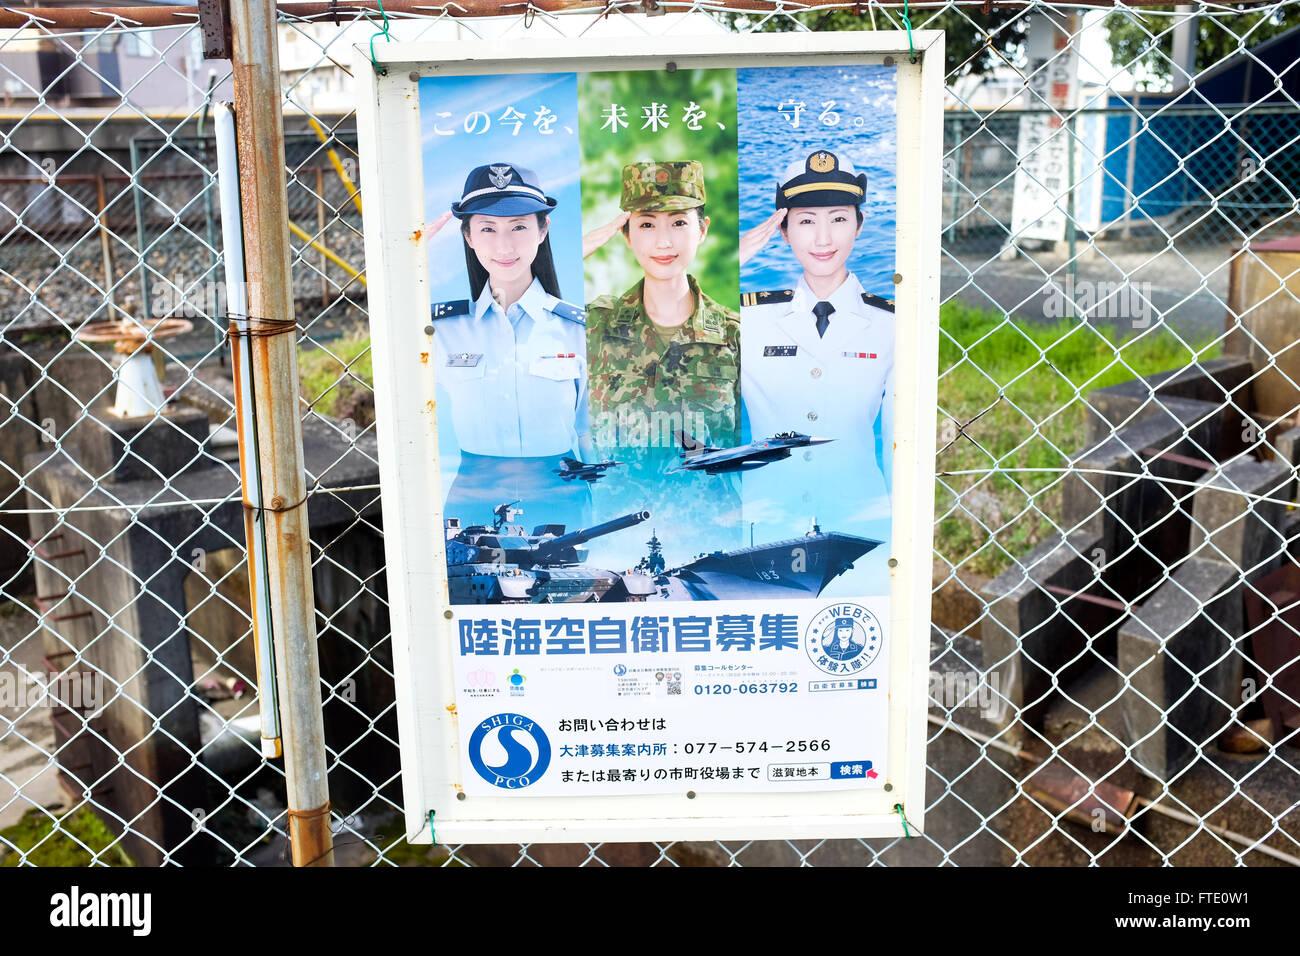 Un cartel de reclutamiento alentando a las mujeres a unirse a la Fuerza de Autodefensa de Japón (SDF). Foto de stock